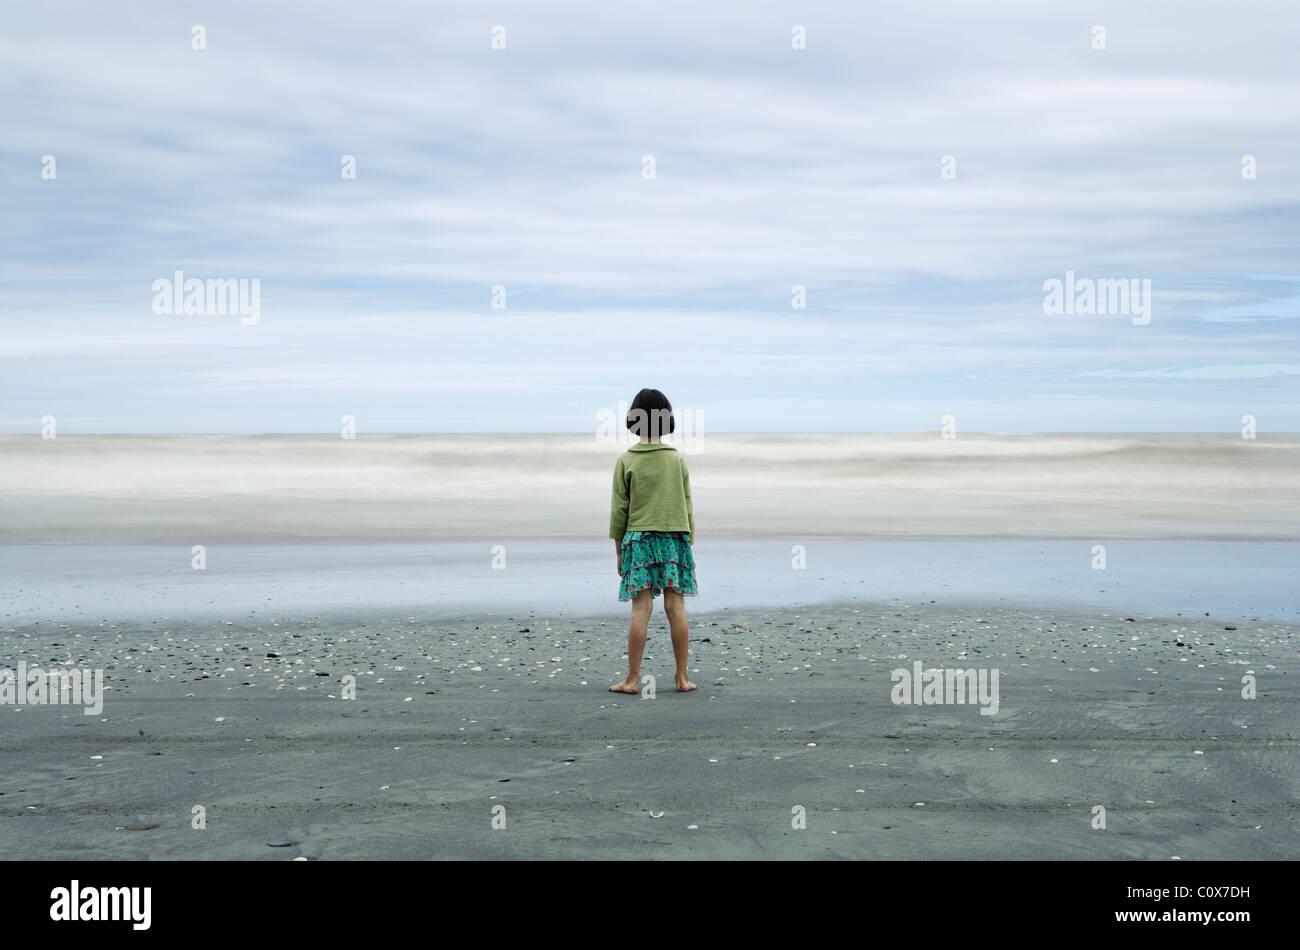 Mise au point nette fille ressemble à la mer, avec des vagues brouillé par une longue exposition; Photo Stock